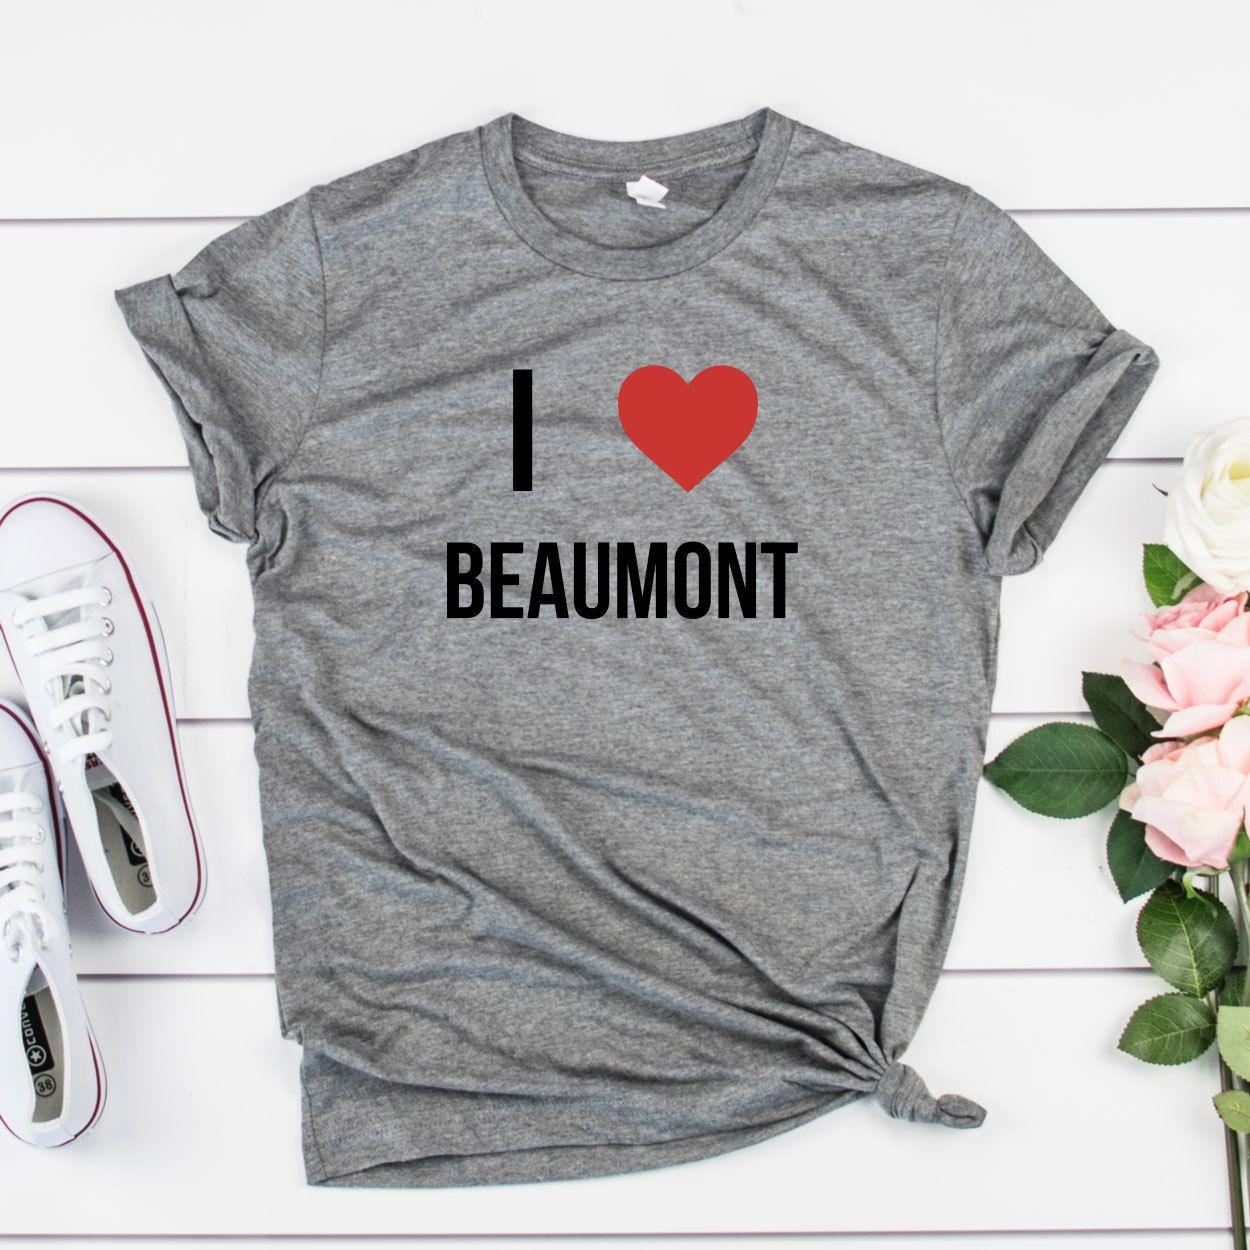 Beaumont Women s T-Shirt 2816a7c50